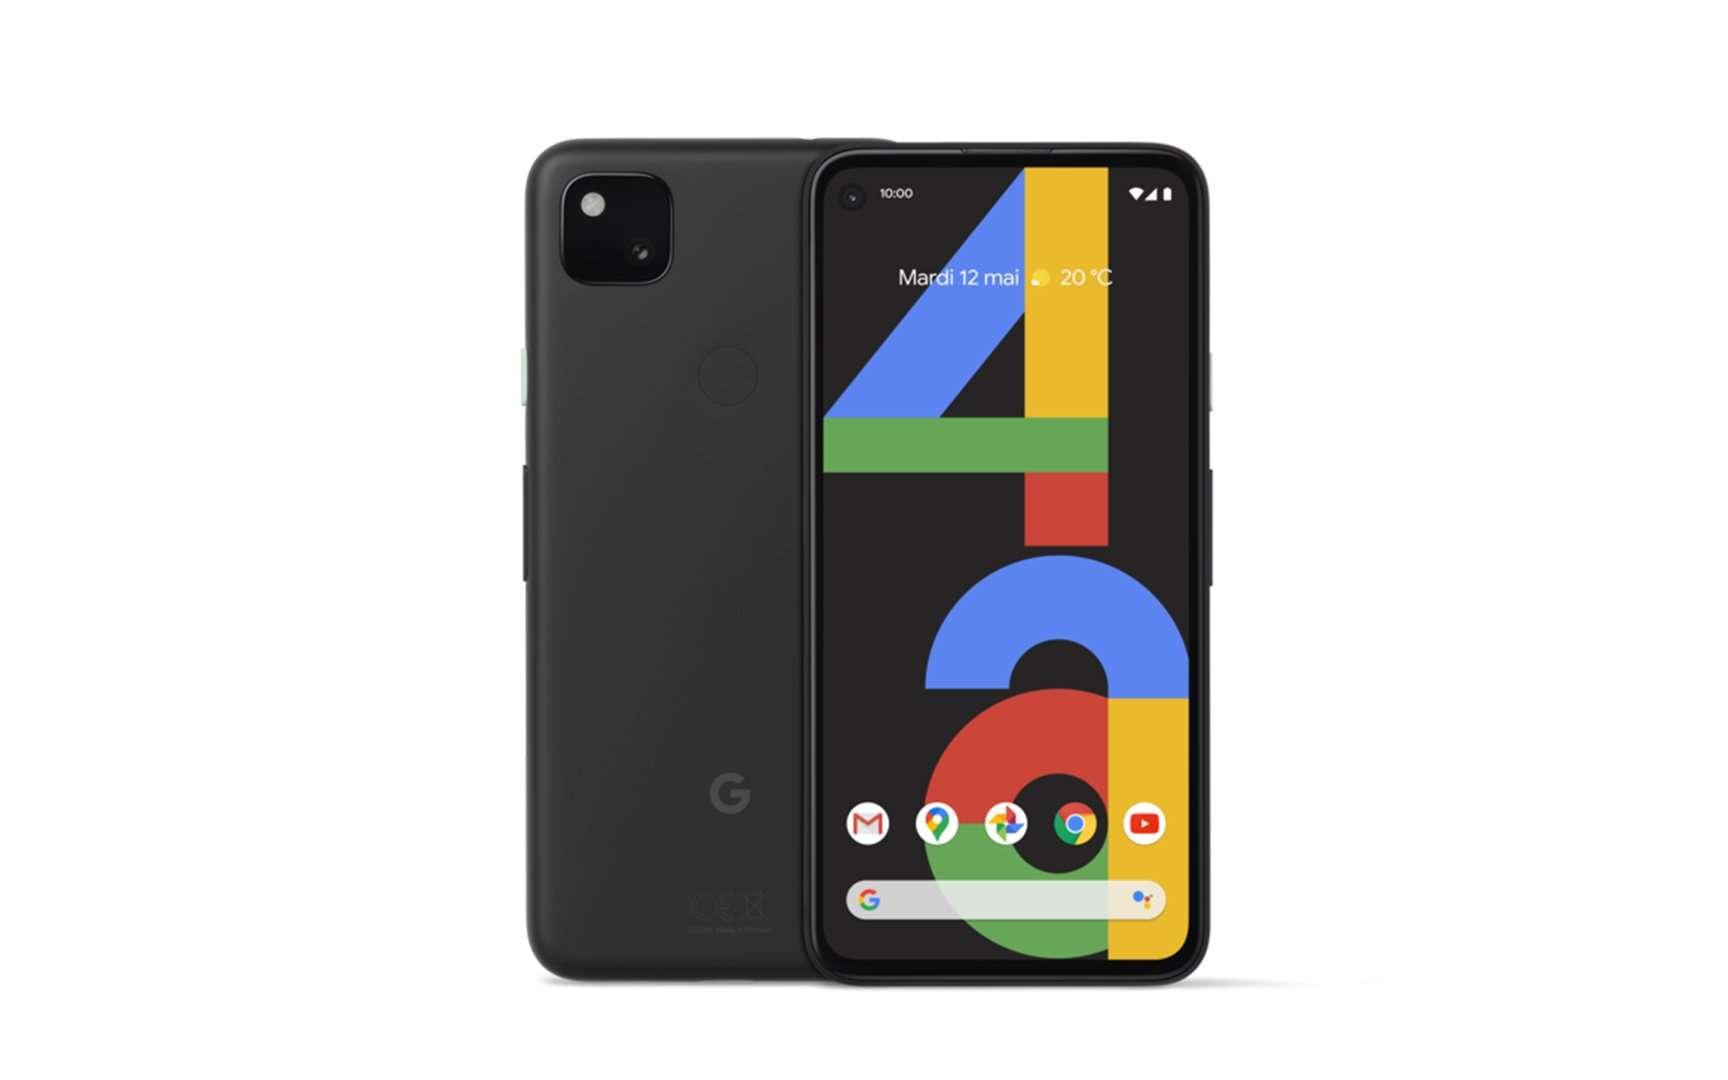 Le Pixel 4a offre un plus beau design que son grand frère plus massif et moins moderne. © Google